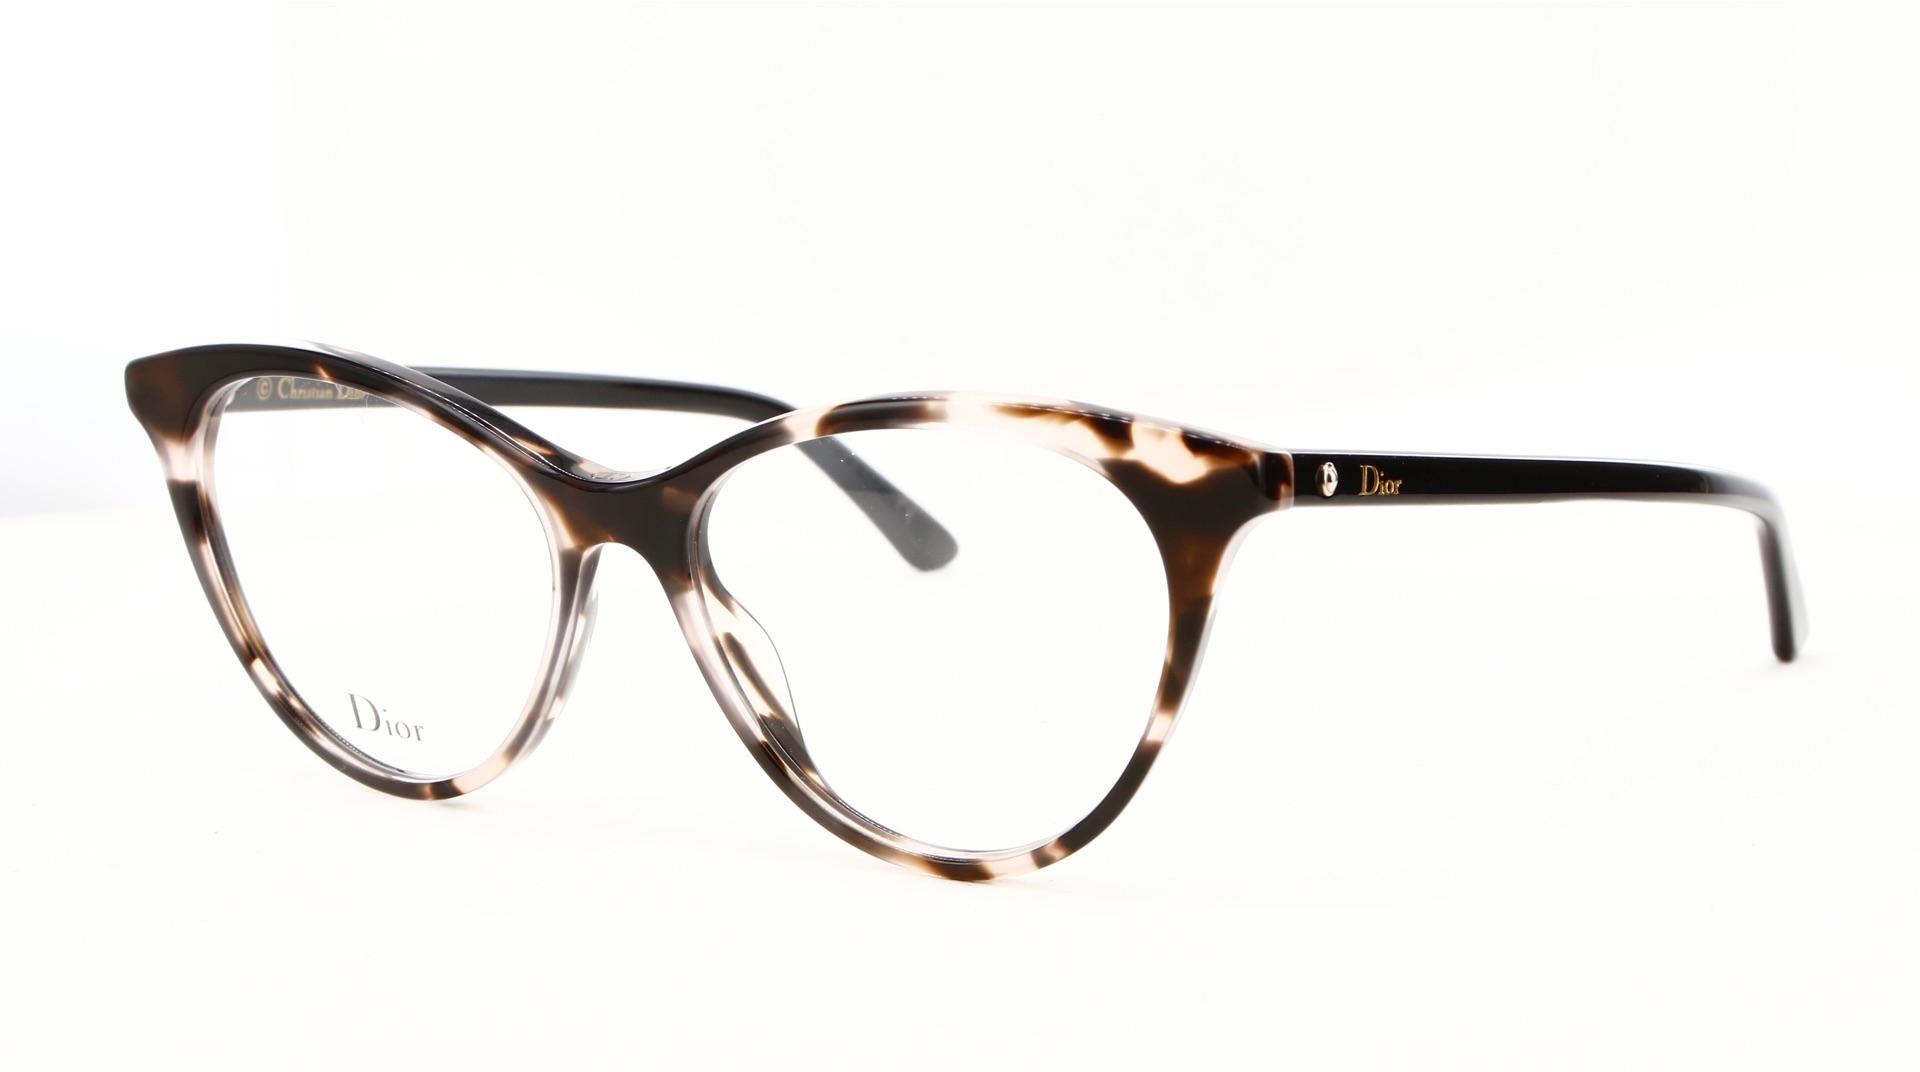 Dior - ref: 80510